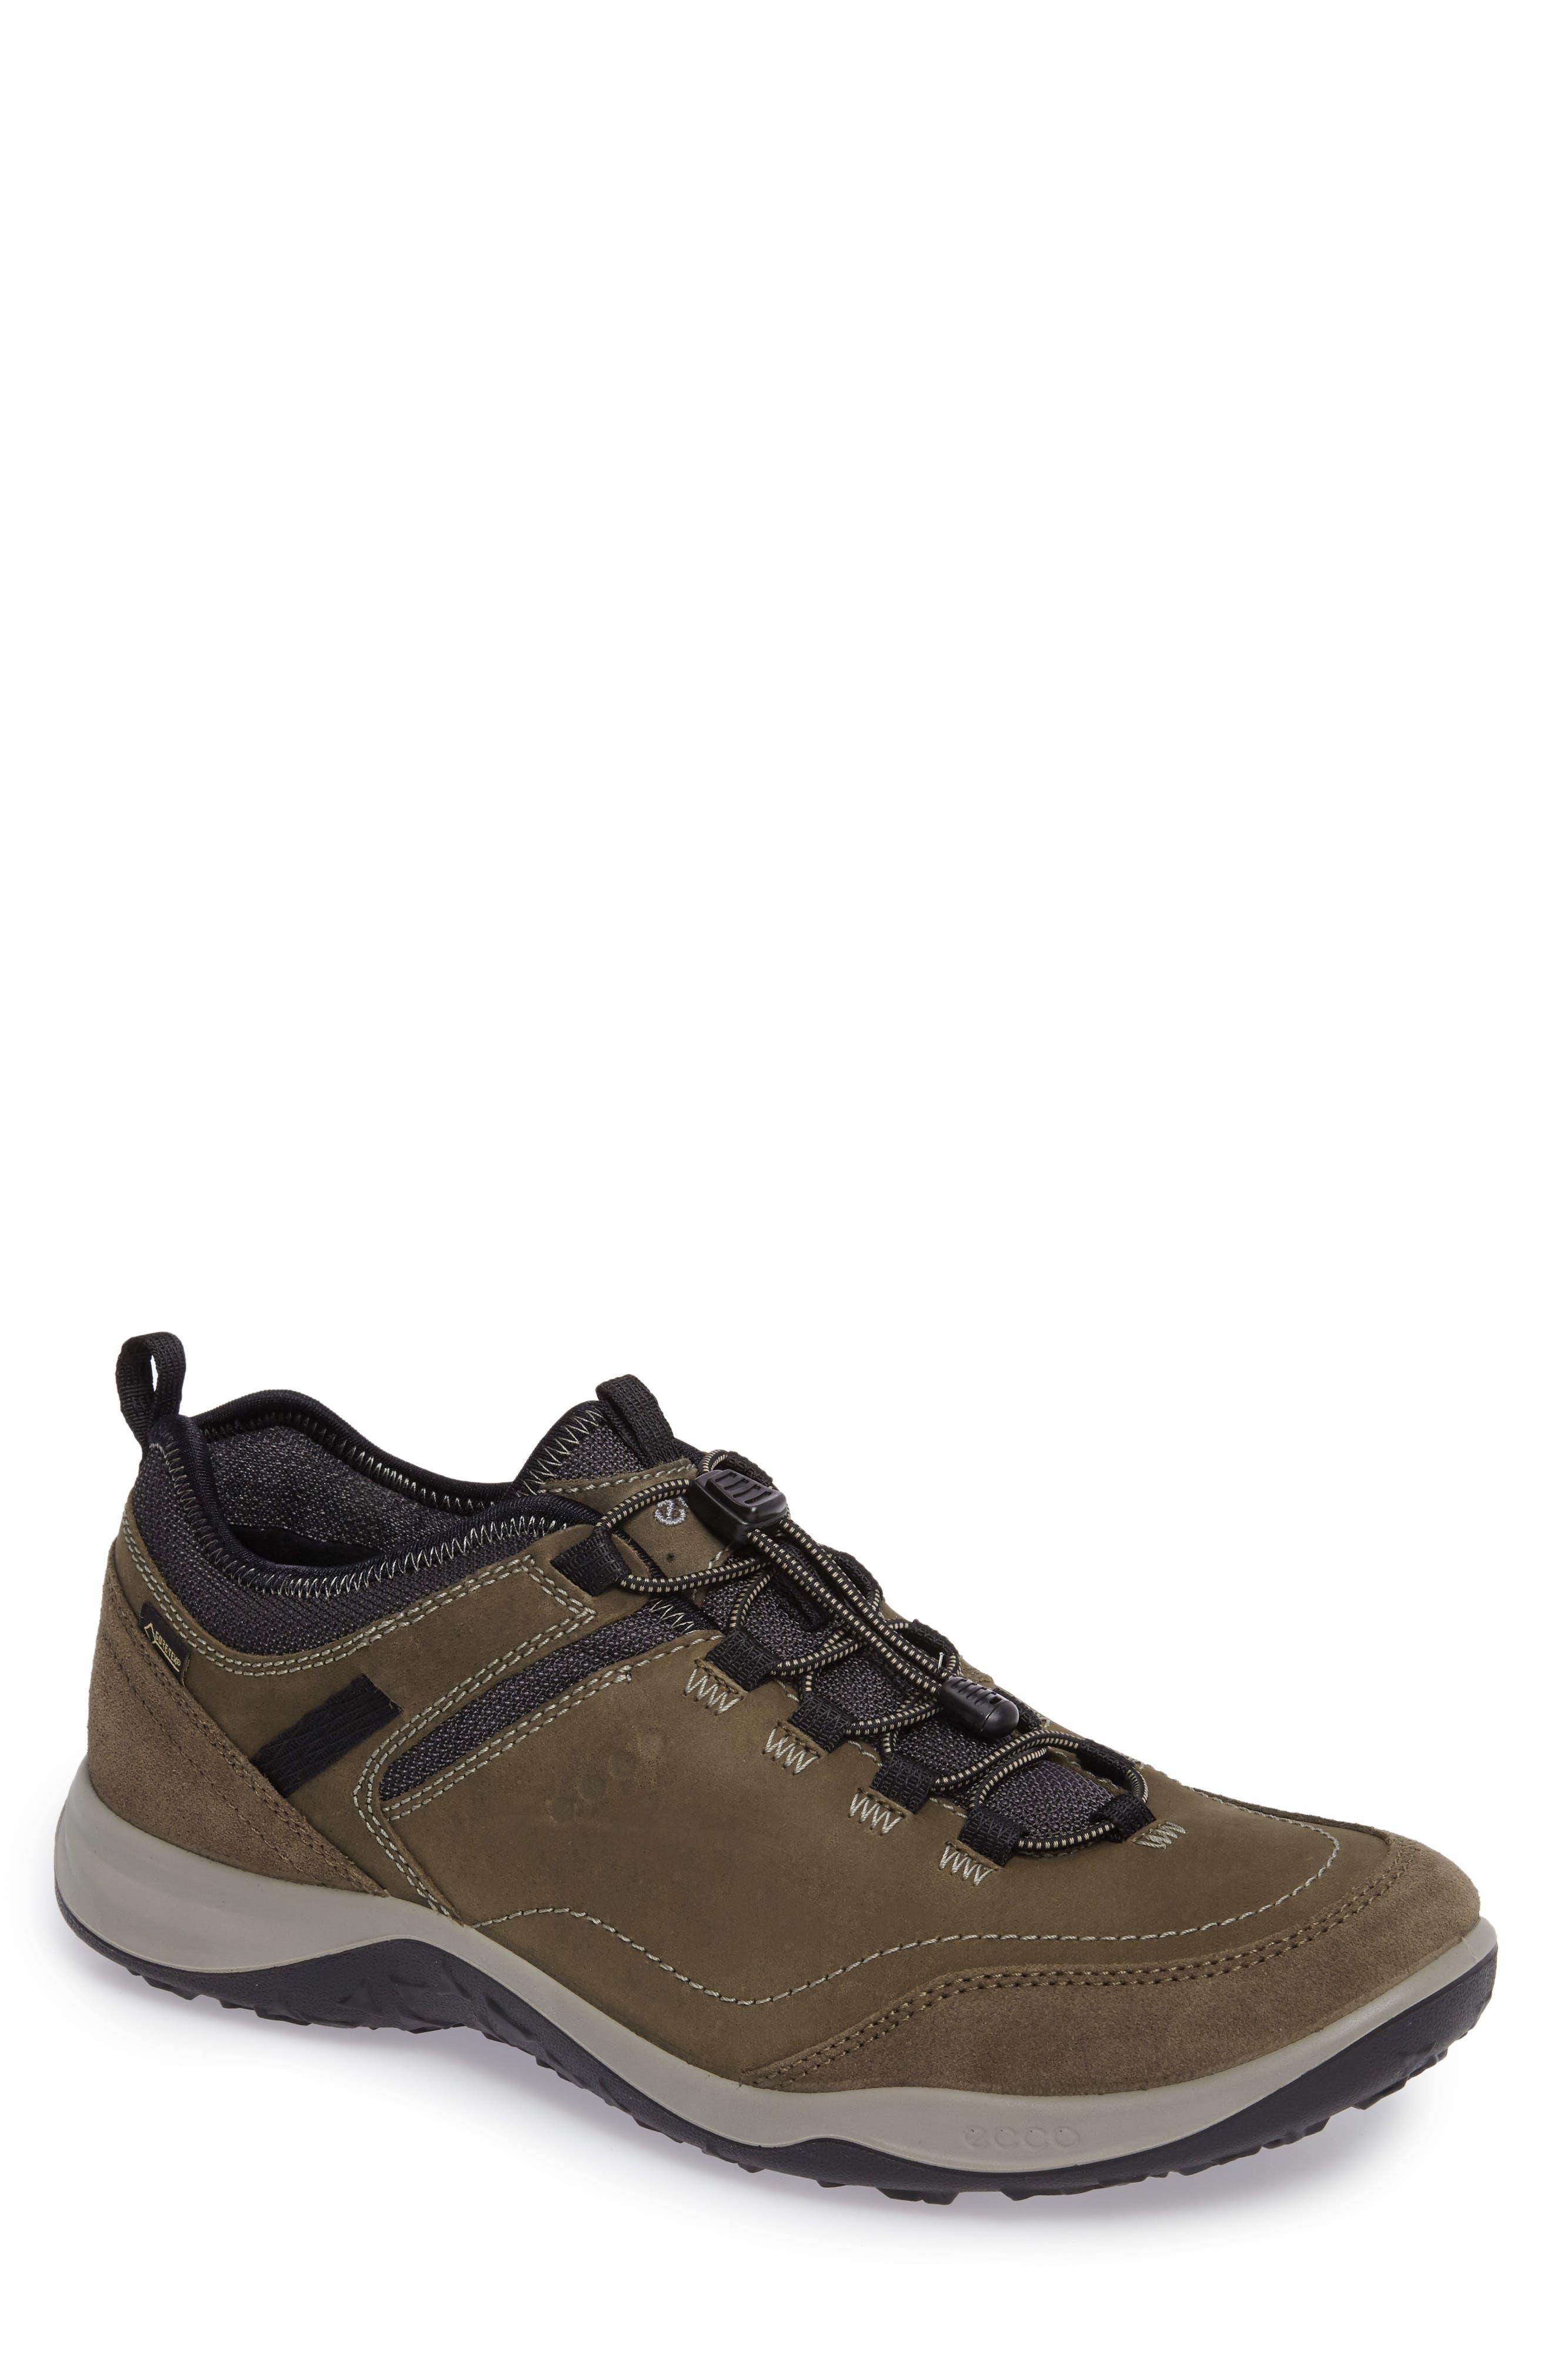 Alternate Image 1 Selected - ECCO 'Espinho GTX' Sneaker (Men)